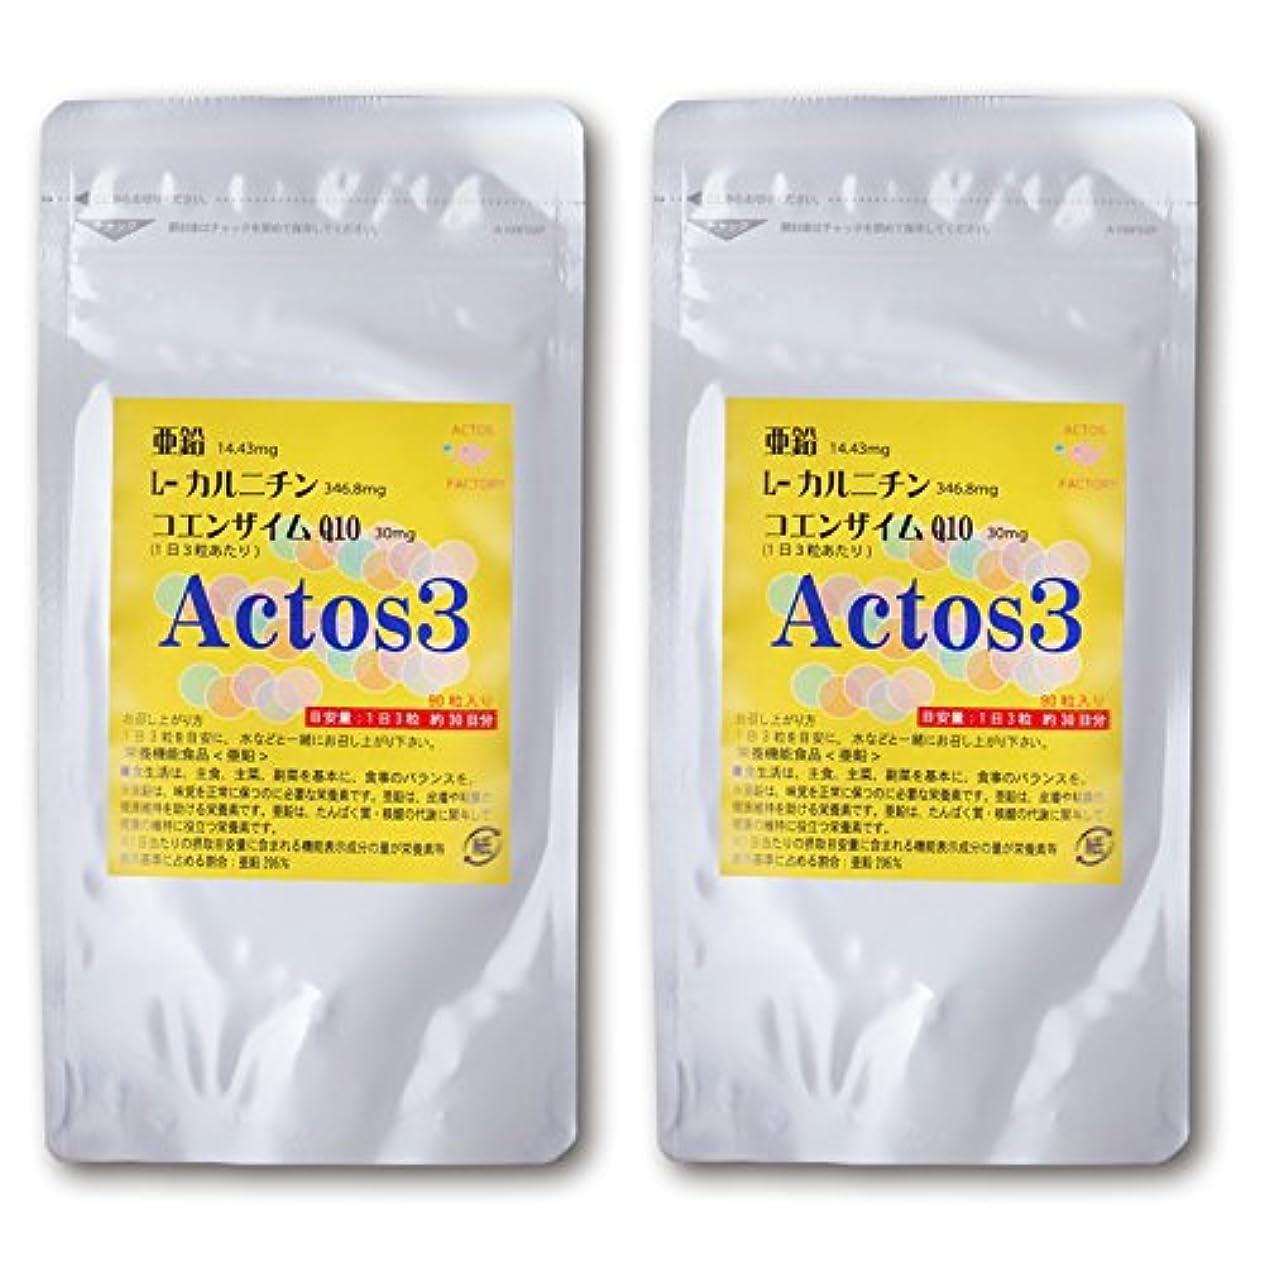 白内障調整負妊活 男性 サプリ アクトス3 亜鉛 L-カルニチン コエンザイムQ10 90粒30日分 2個セット